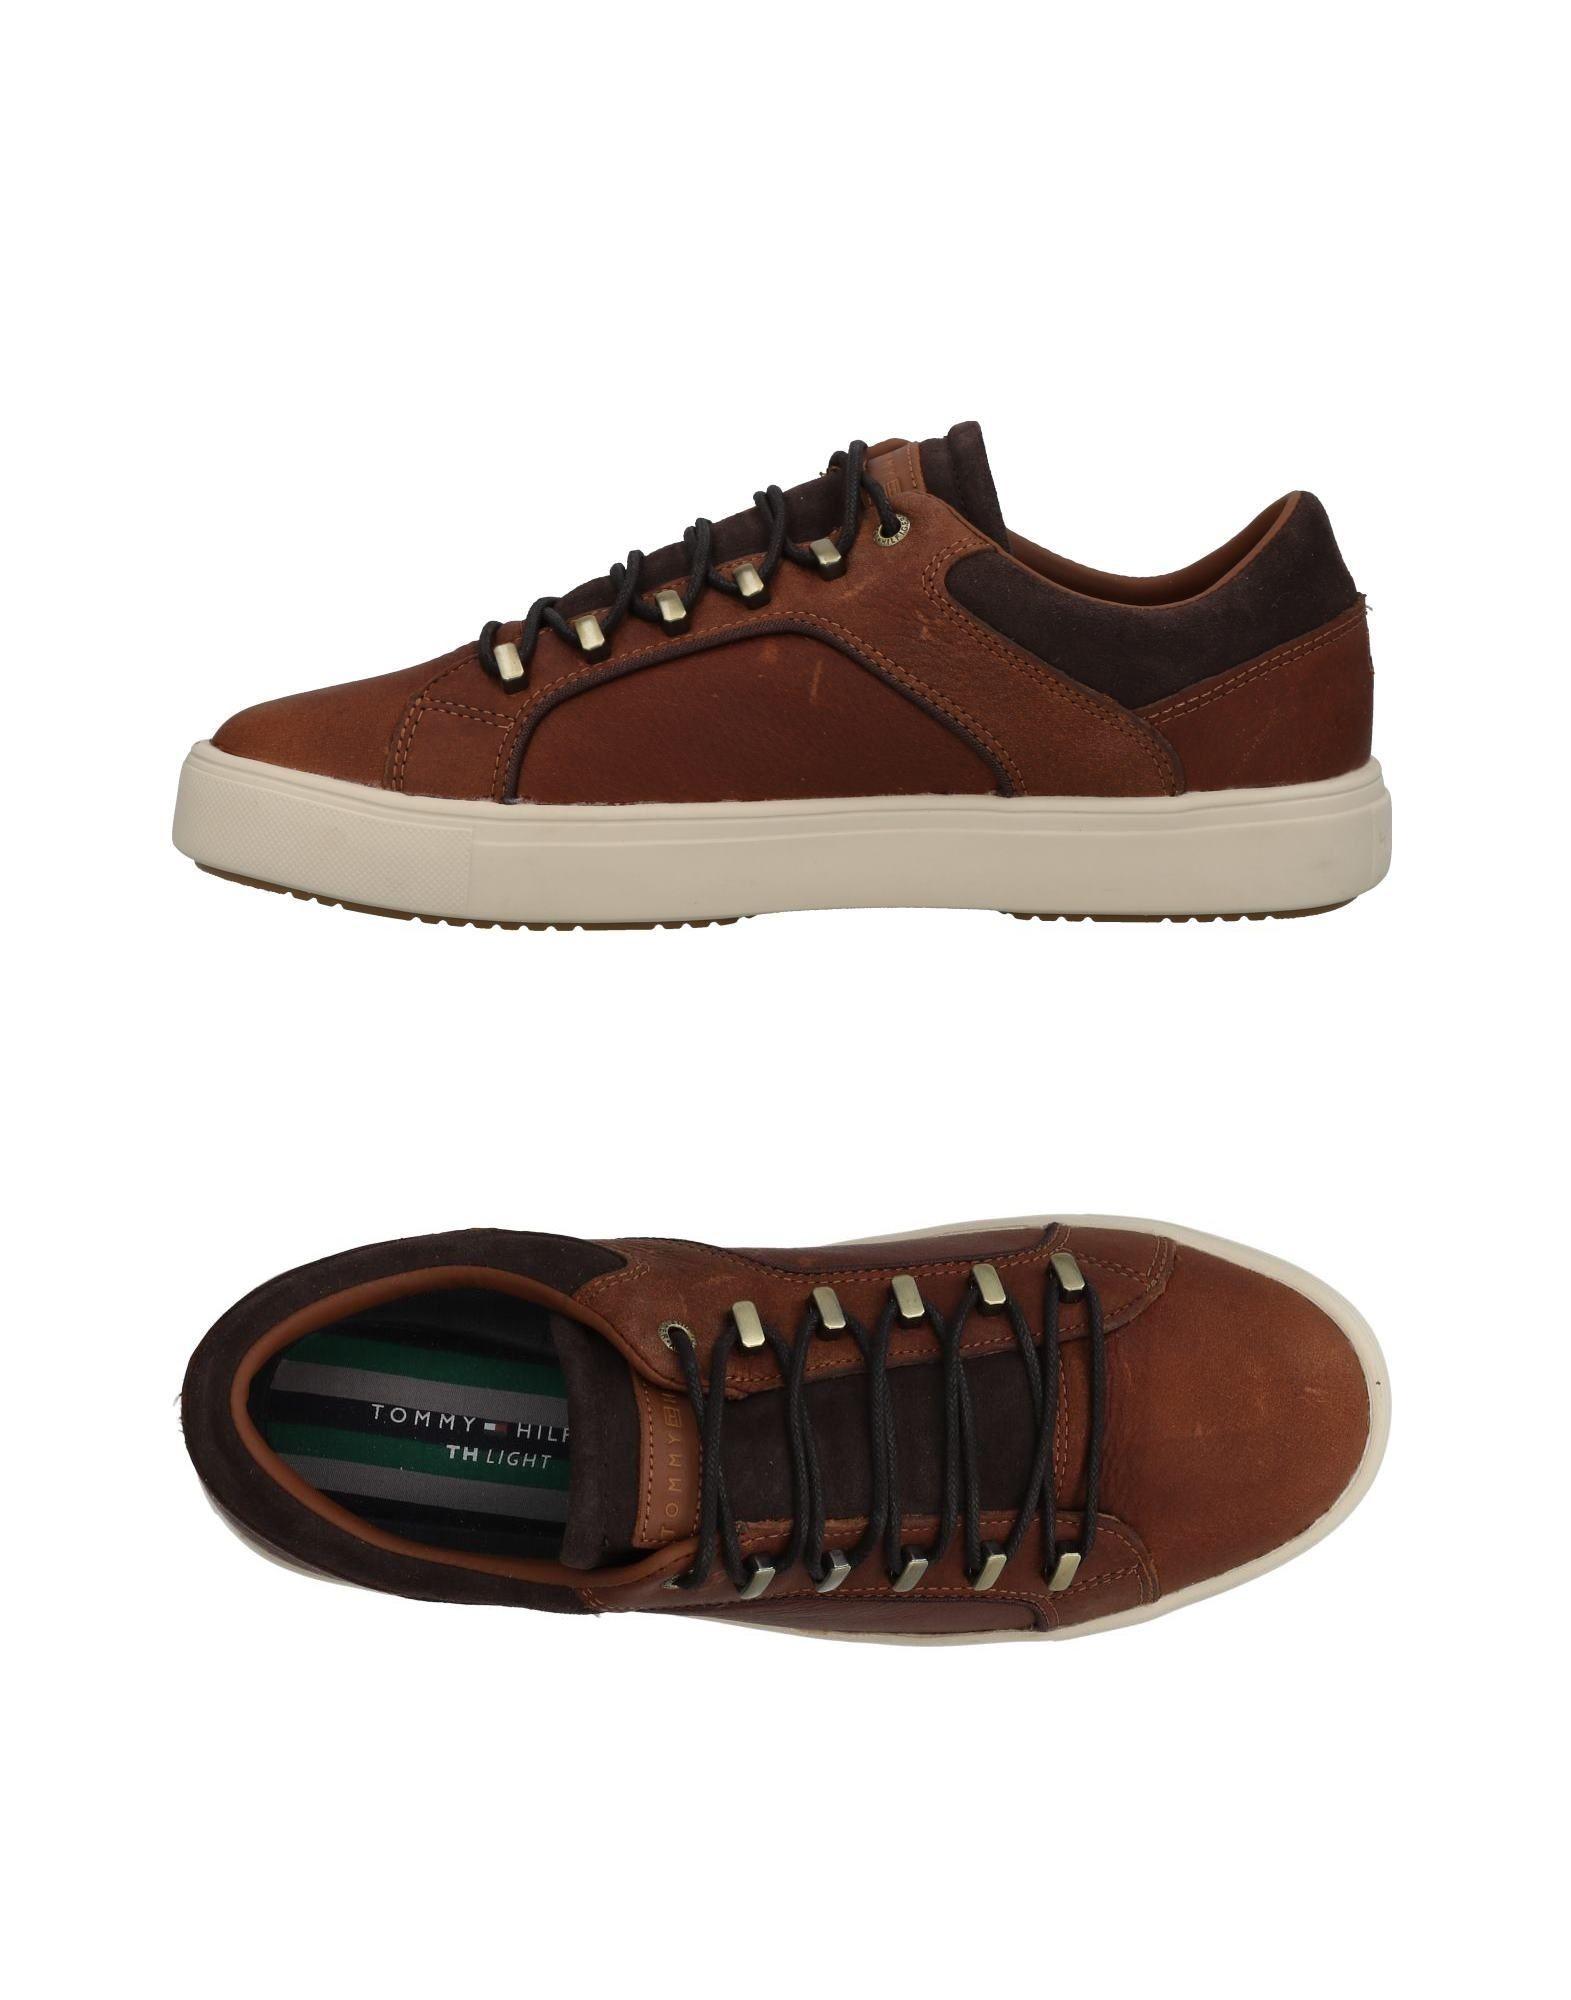 Tommy Hilfiger Sneakers Herren  11458597GL